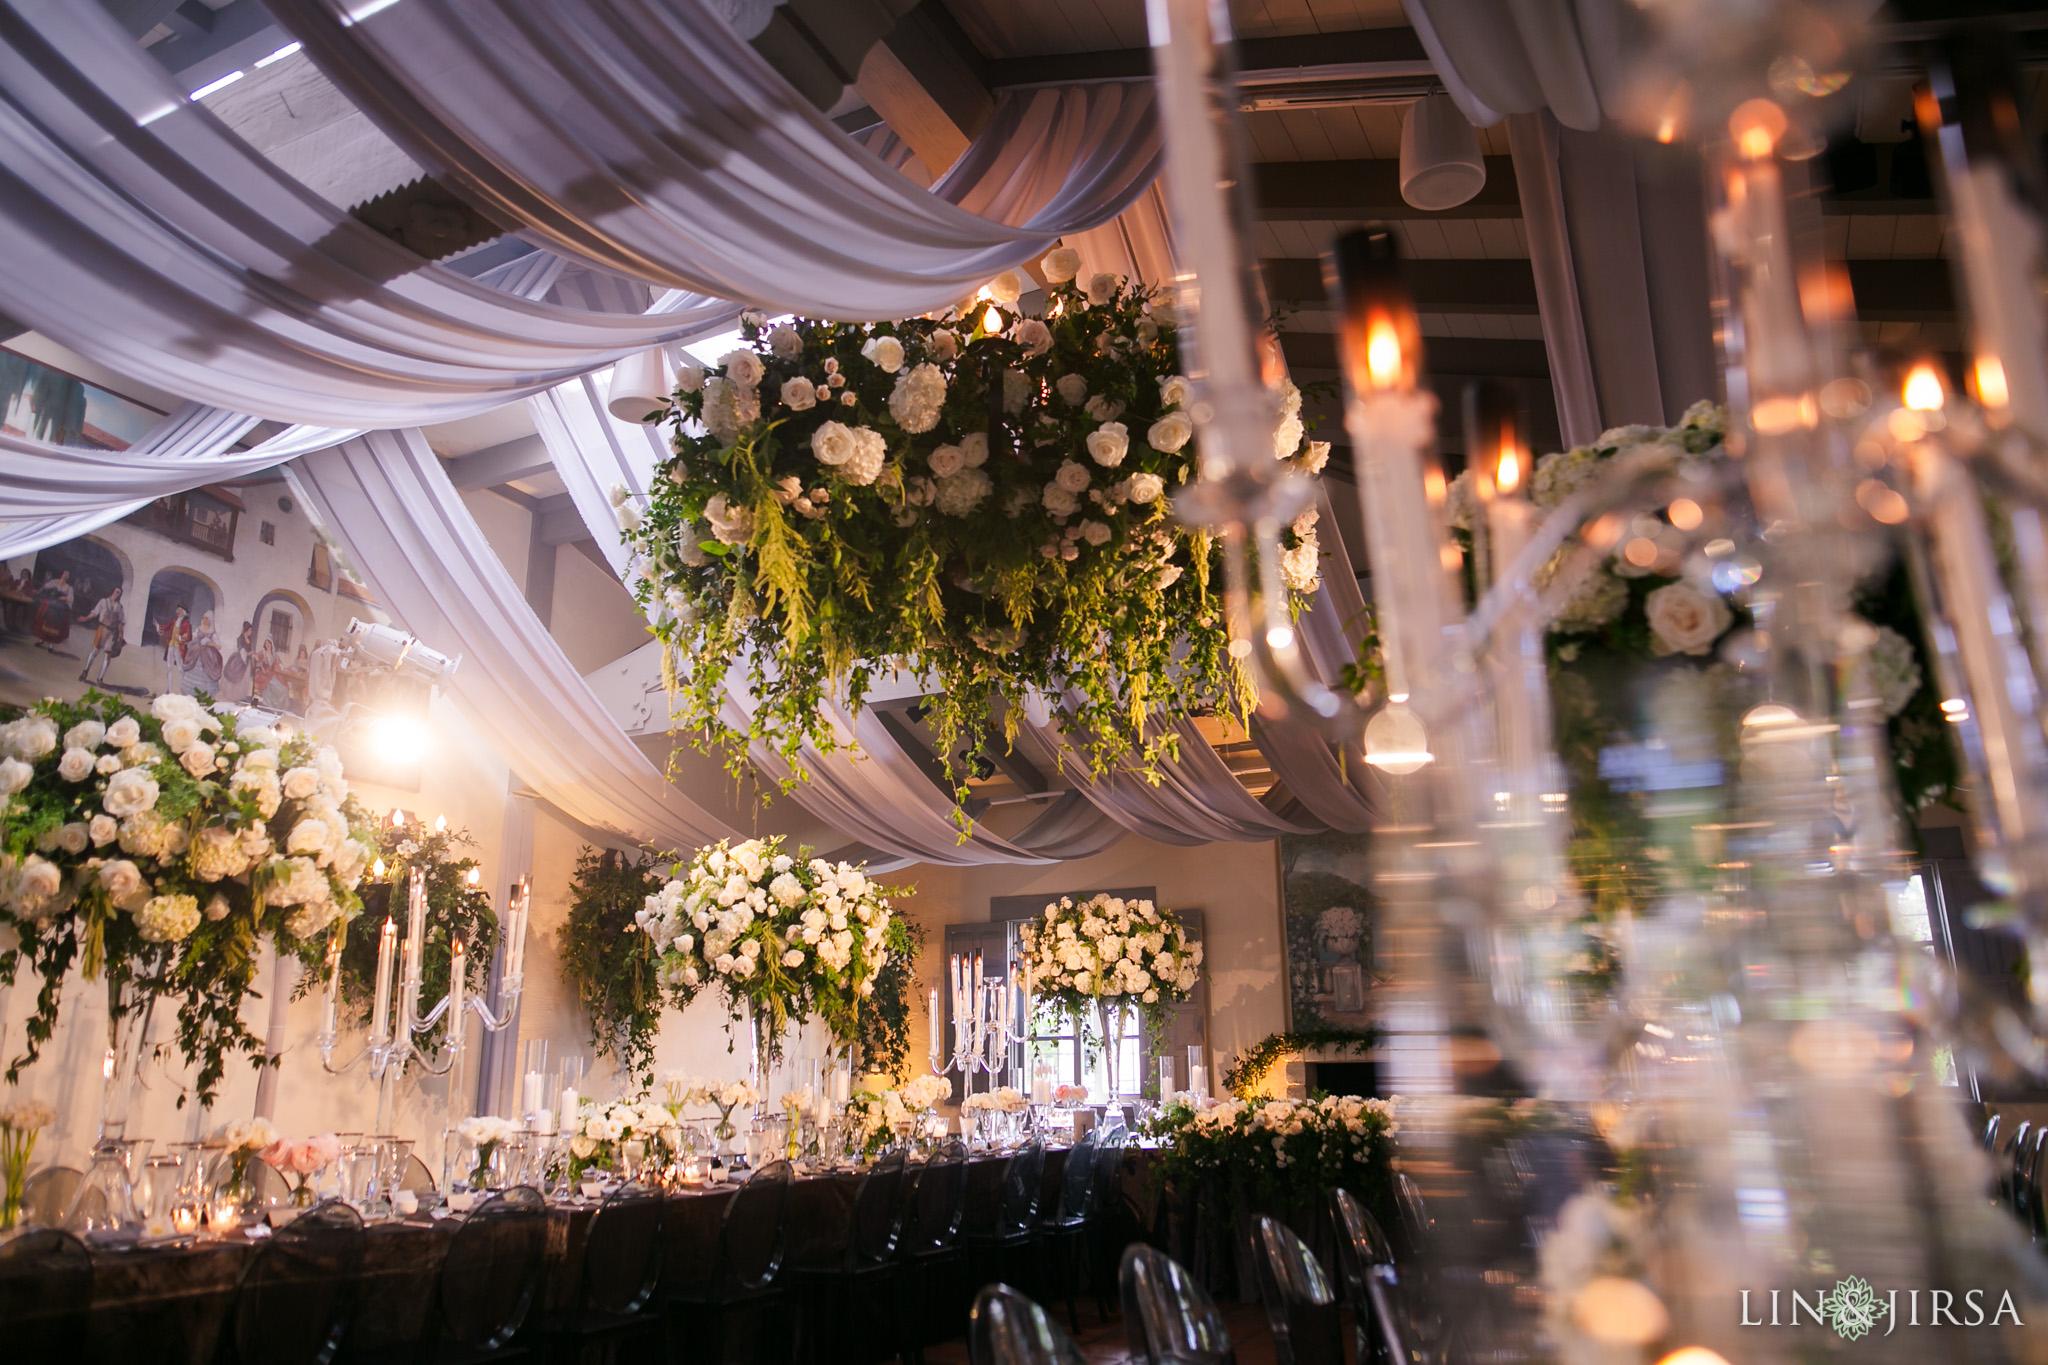 31 sherman library gardens corona del mar same sex wedding photography